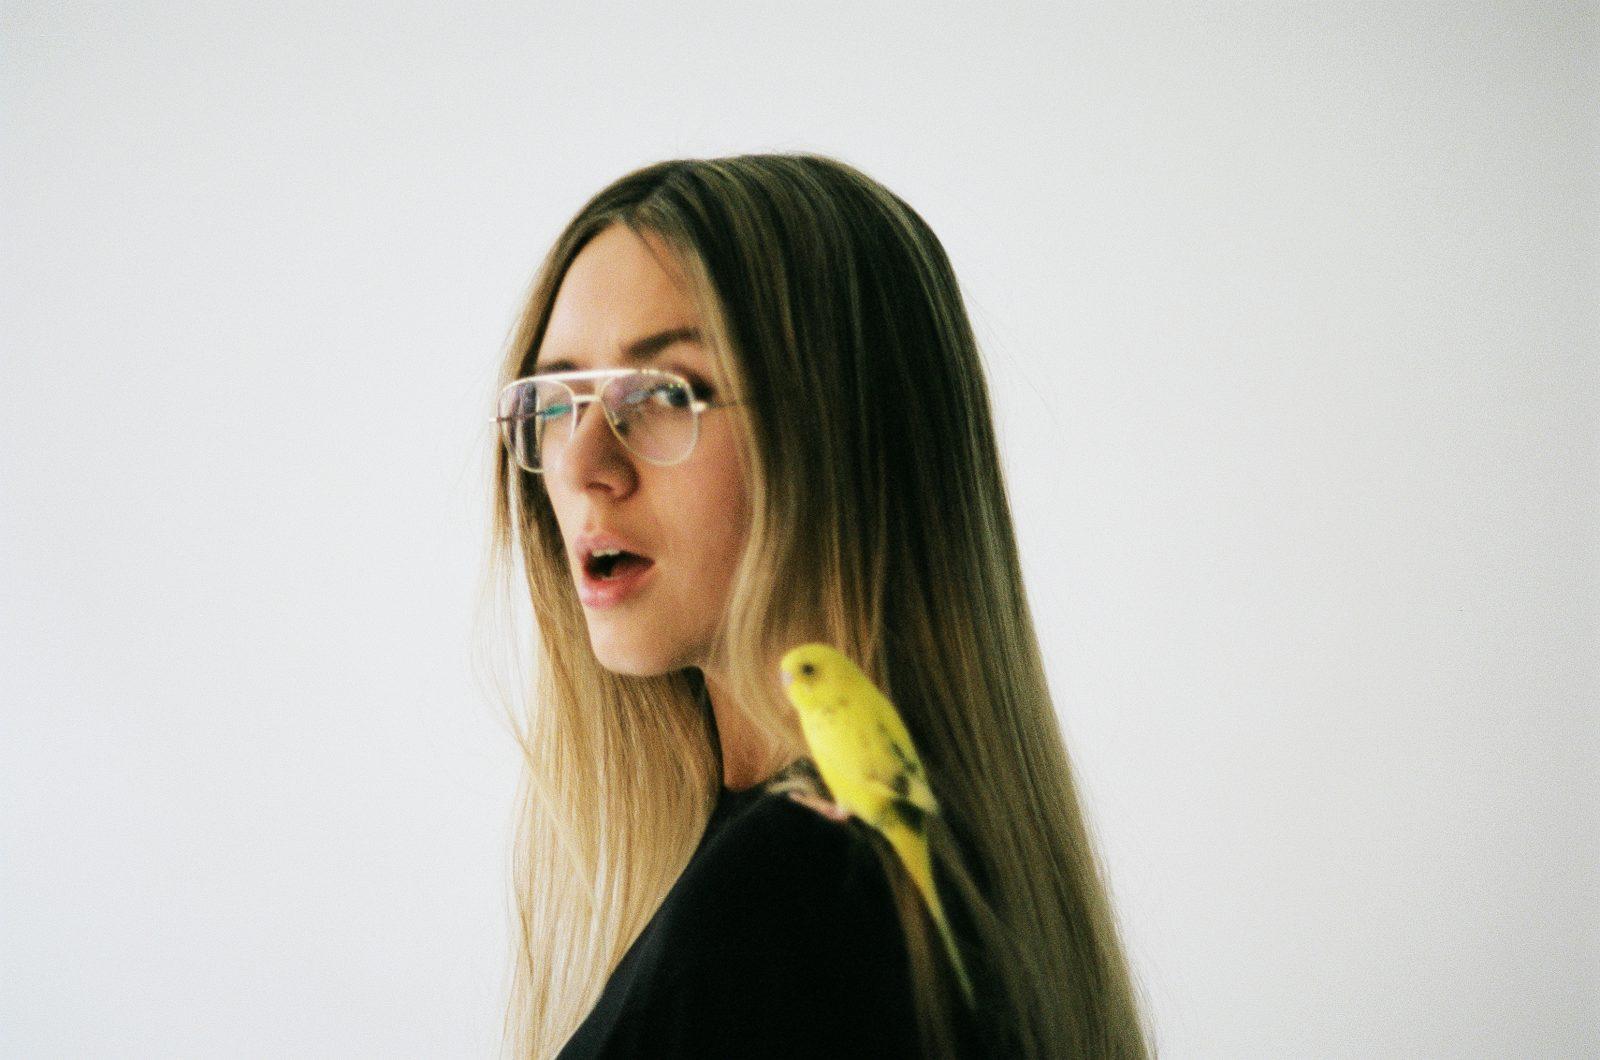 Lydia Képinski entraînera les festivaliers dans son rave